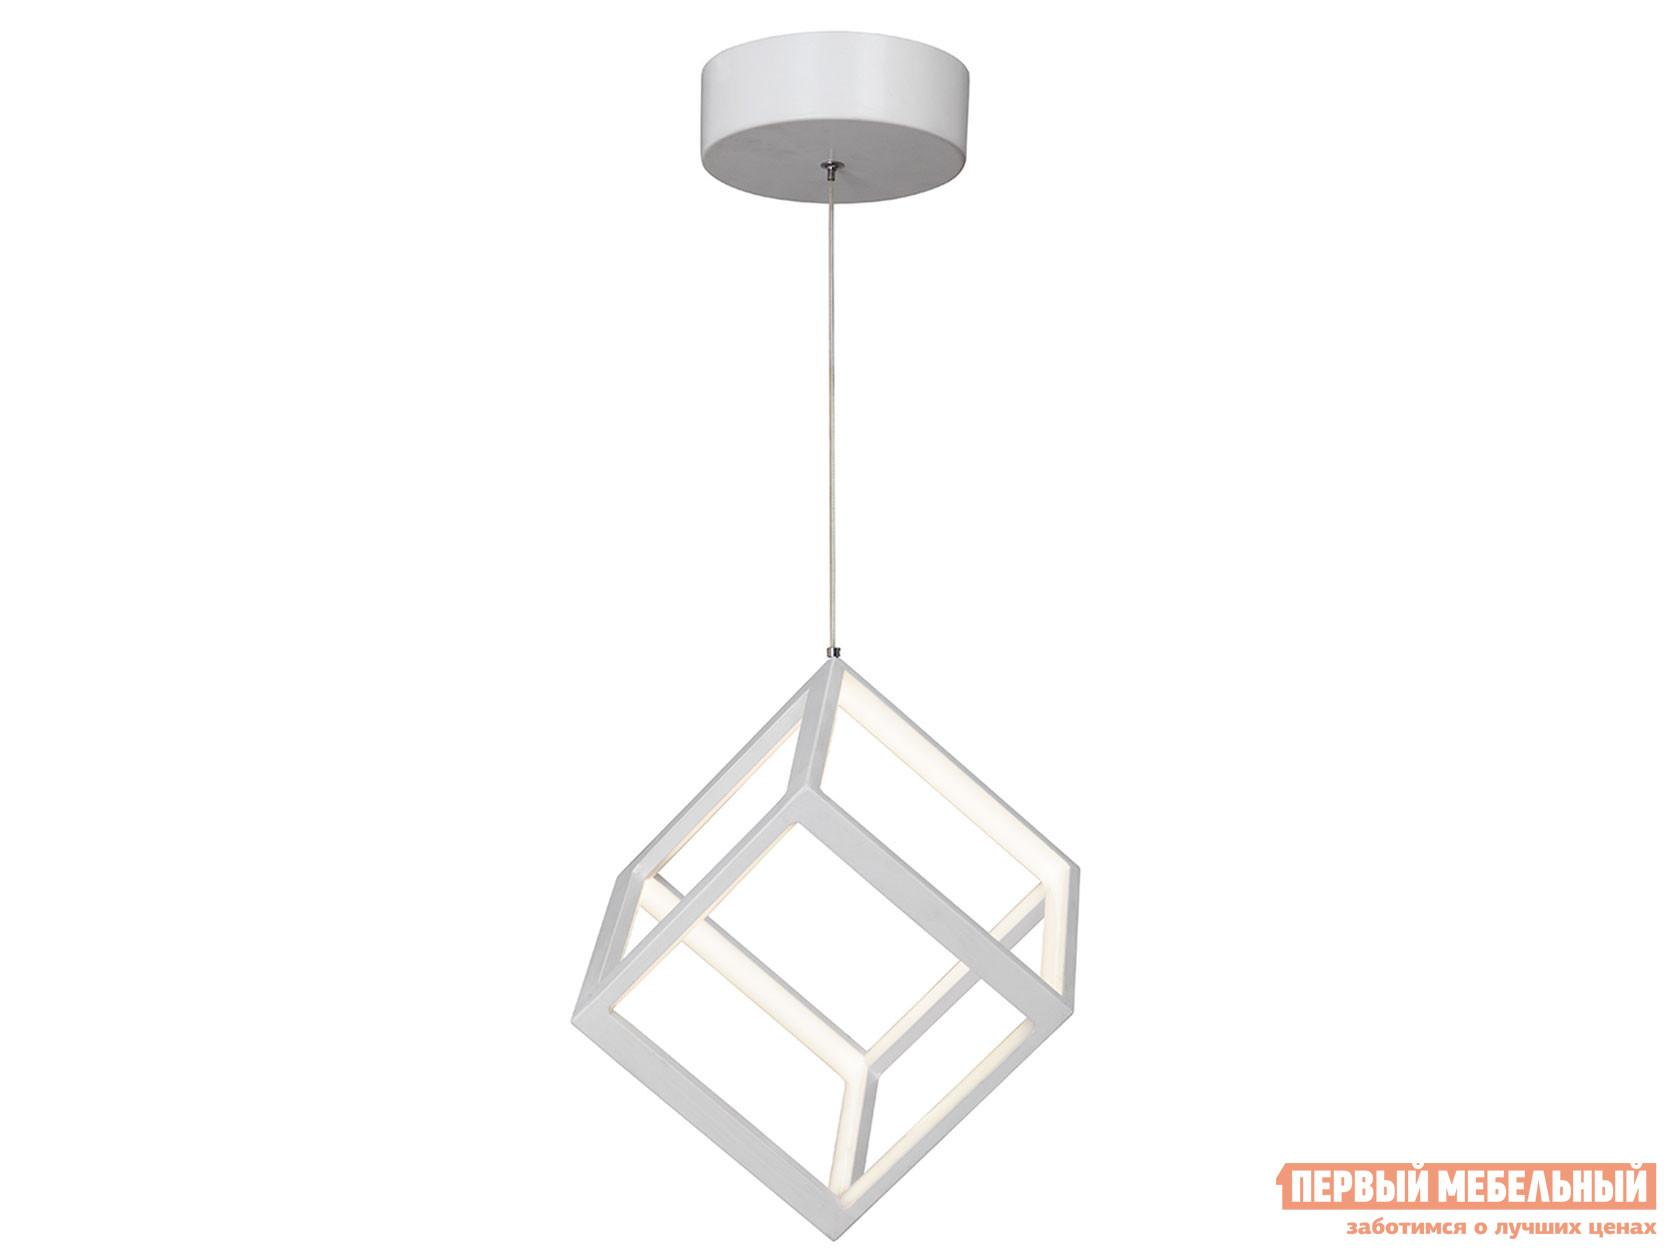 Фото - Подвесной светильник КСК-электро Светодиодный светильник V4619-0/1S, LED 32Вт, 3900-4200K подвесной светильник кск электро светодиодный светильник v4617 1 2s led 91вт 3900 4200k